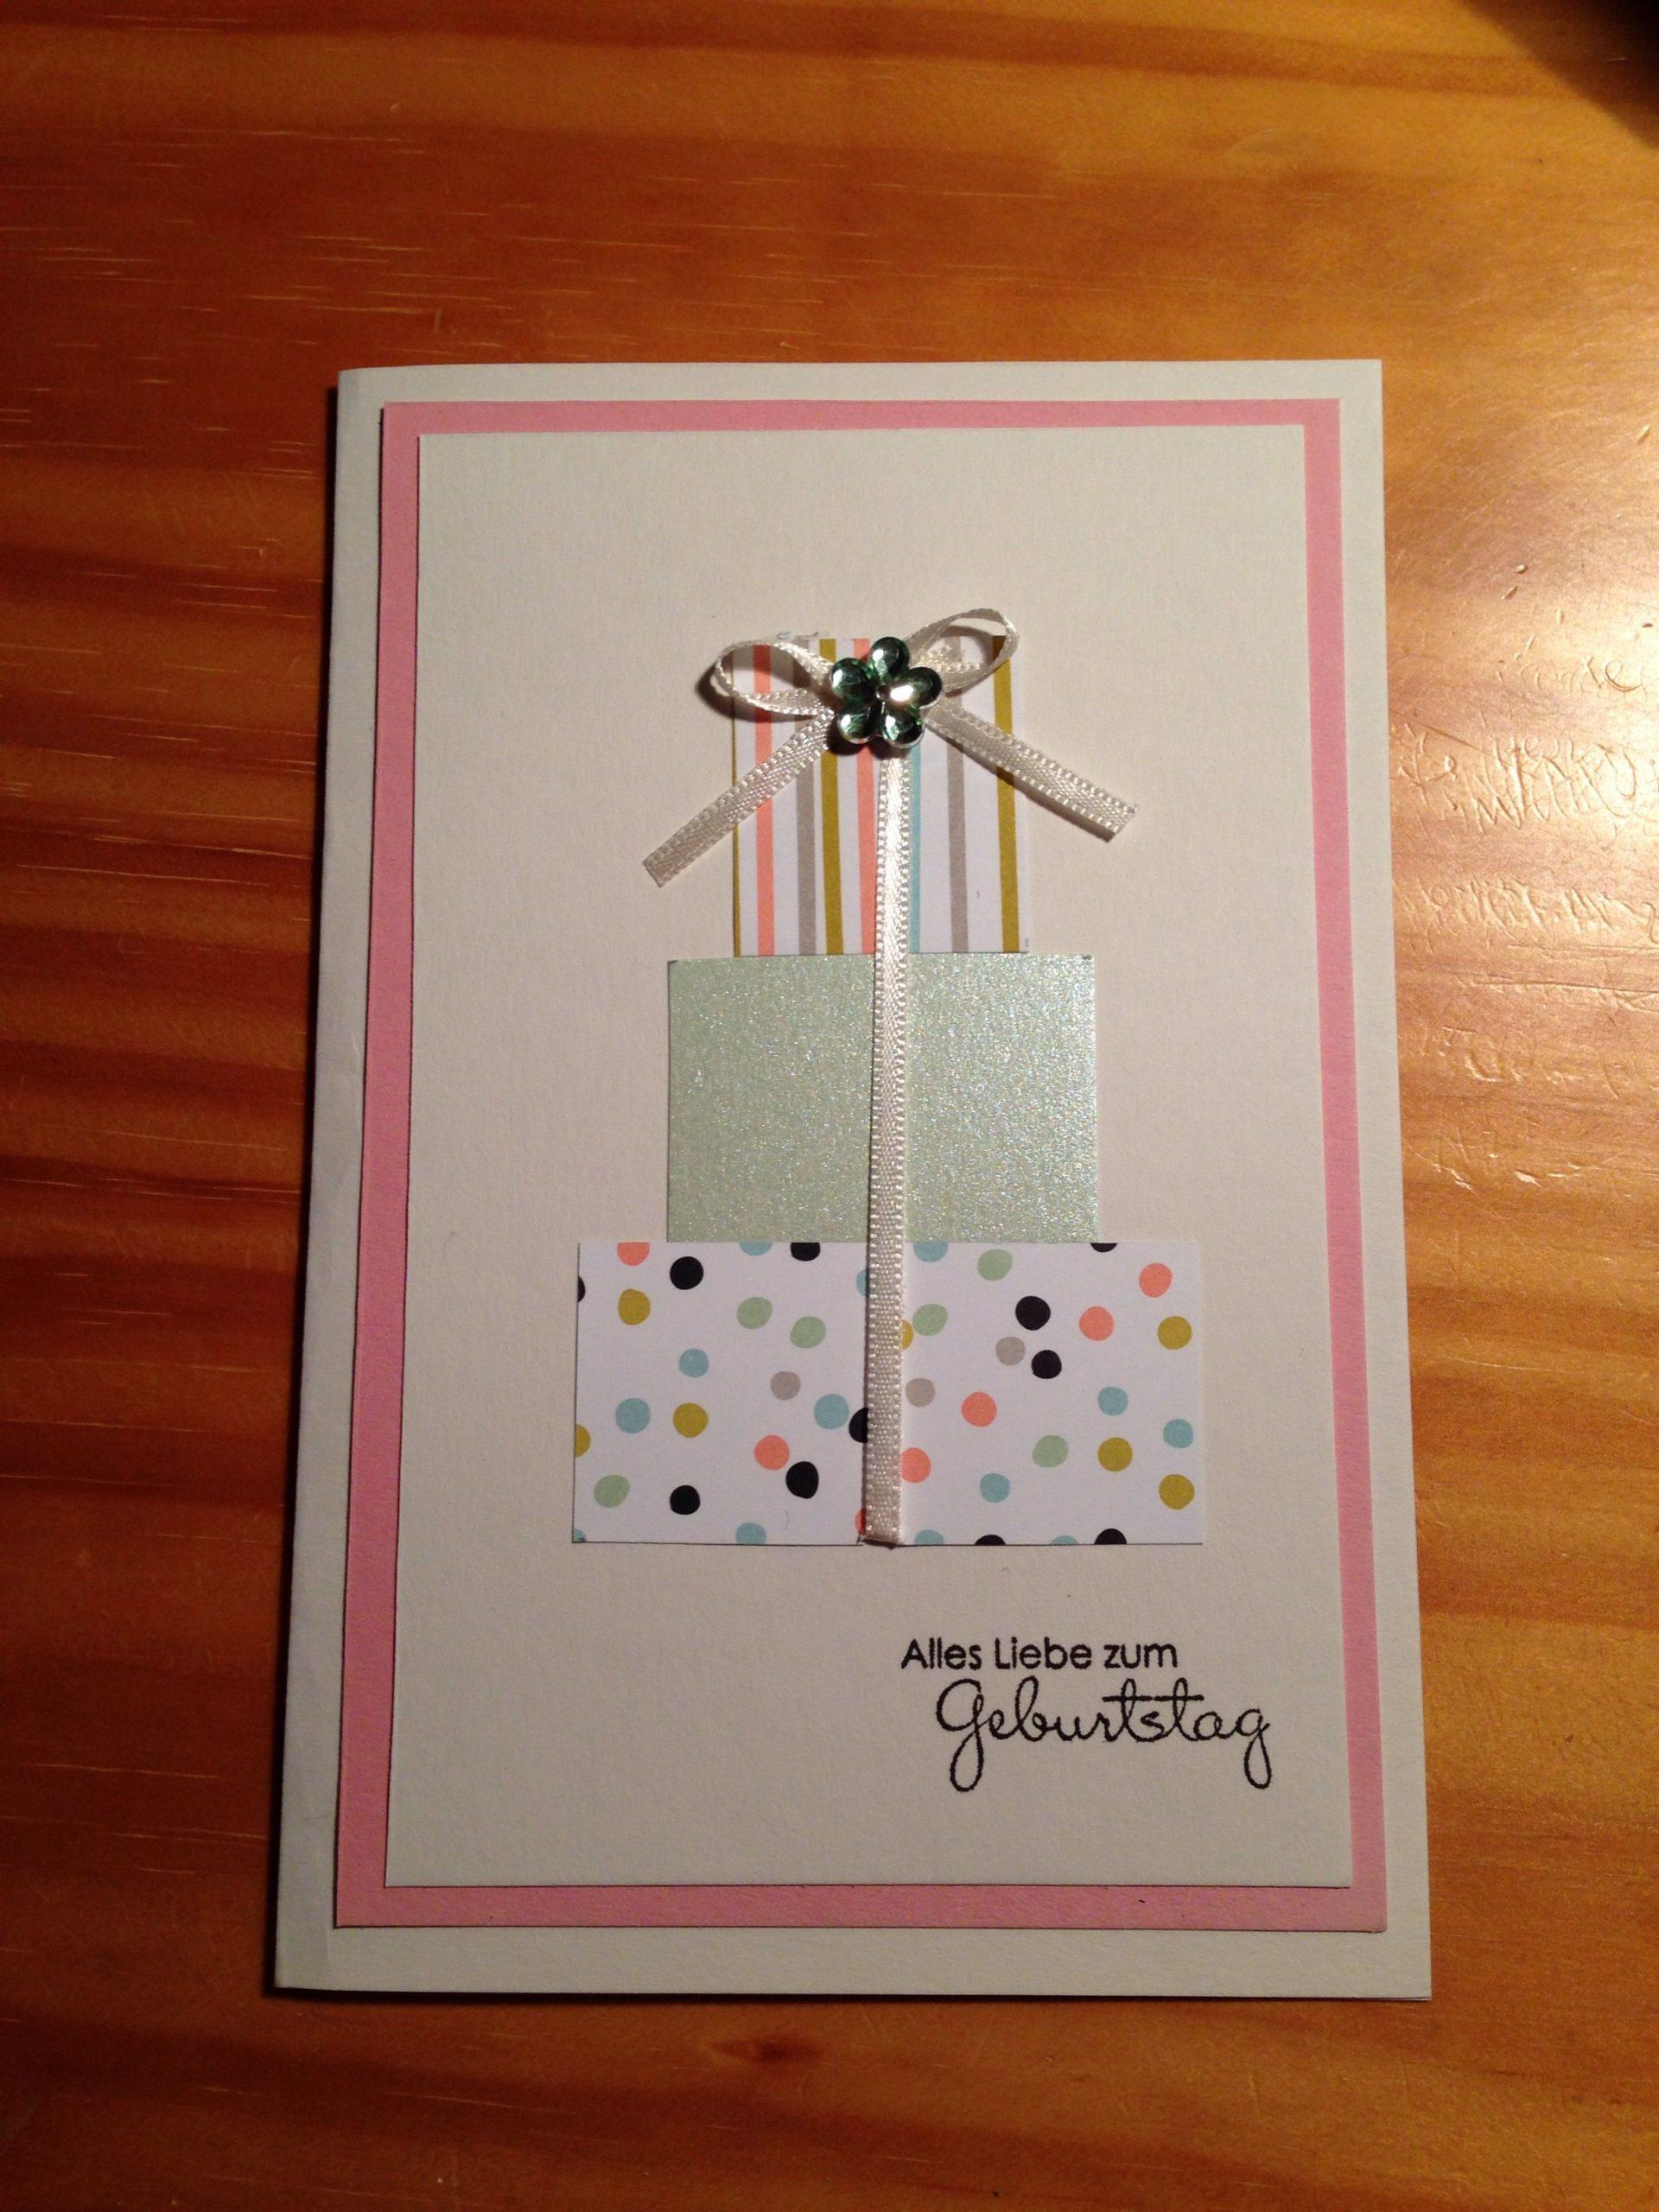 Geburtstagskarte | Karten Basteln, Geburtstagskarte, Karten für Glückwunschkarten Basteln